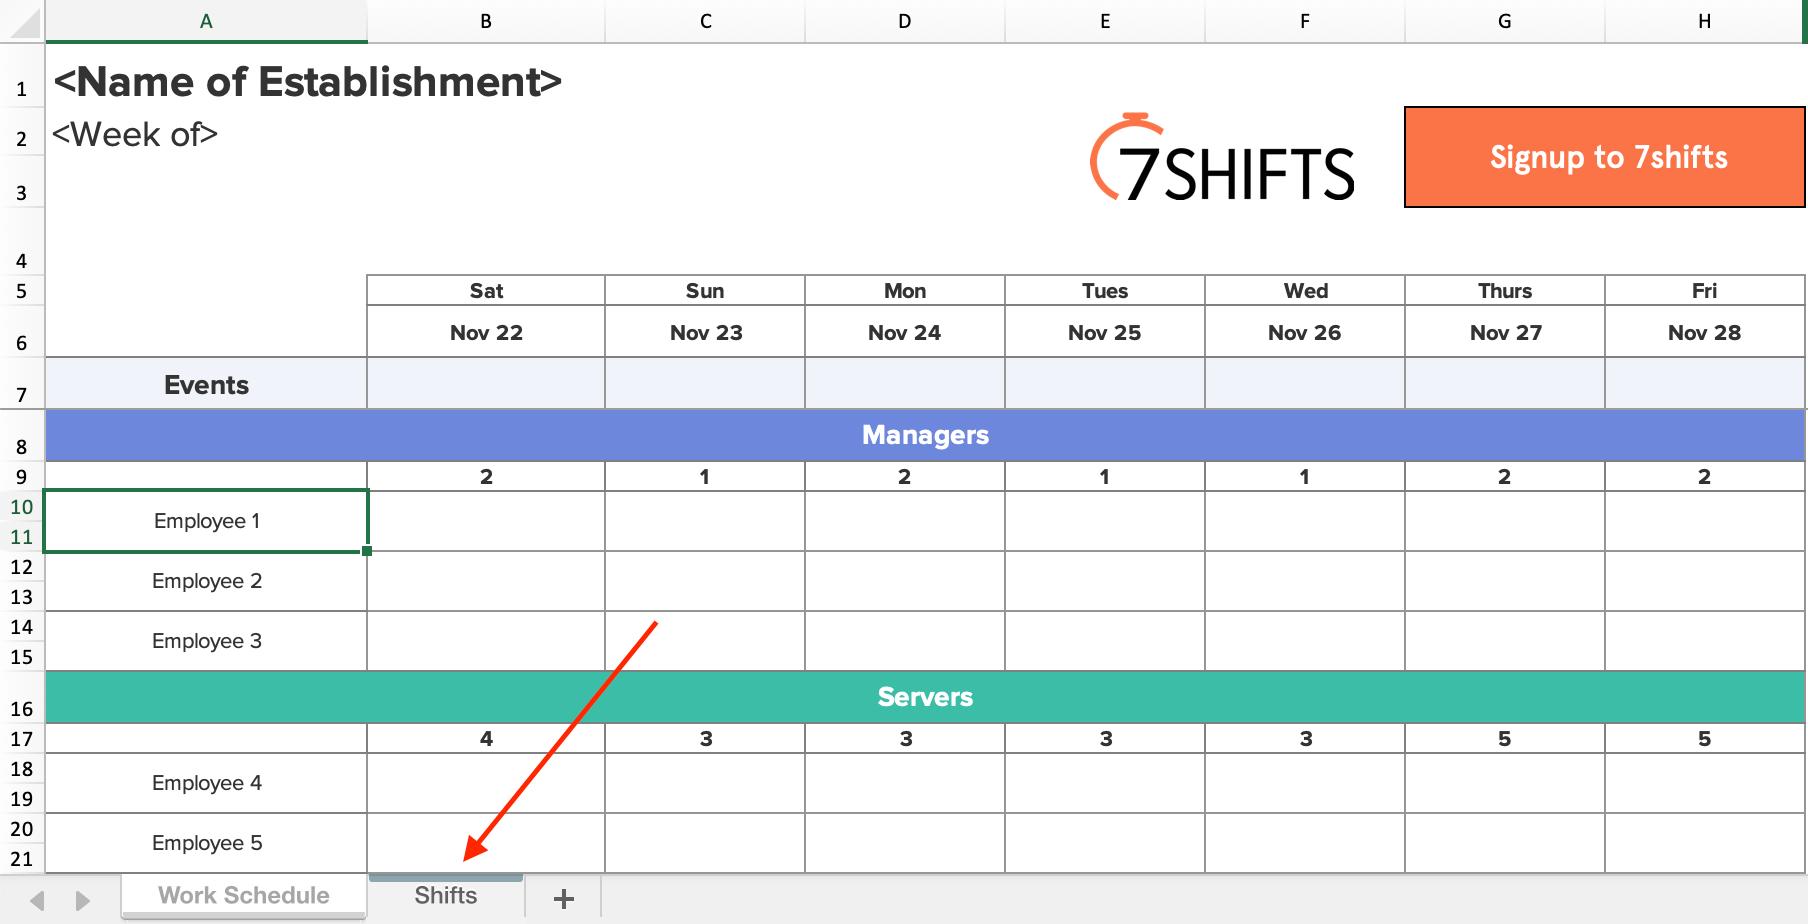 2021 12 Hour Rotating Shift Calendar / 5 3 5 4 5 3 Ten Hour Rotating Shift Schedule 24 7 Shift-Shift Schedule Template 2021